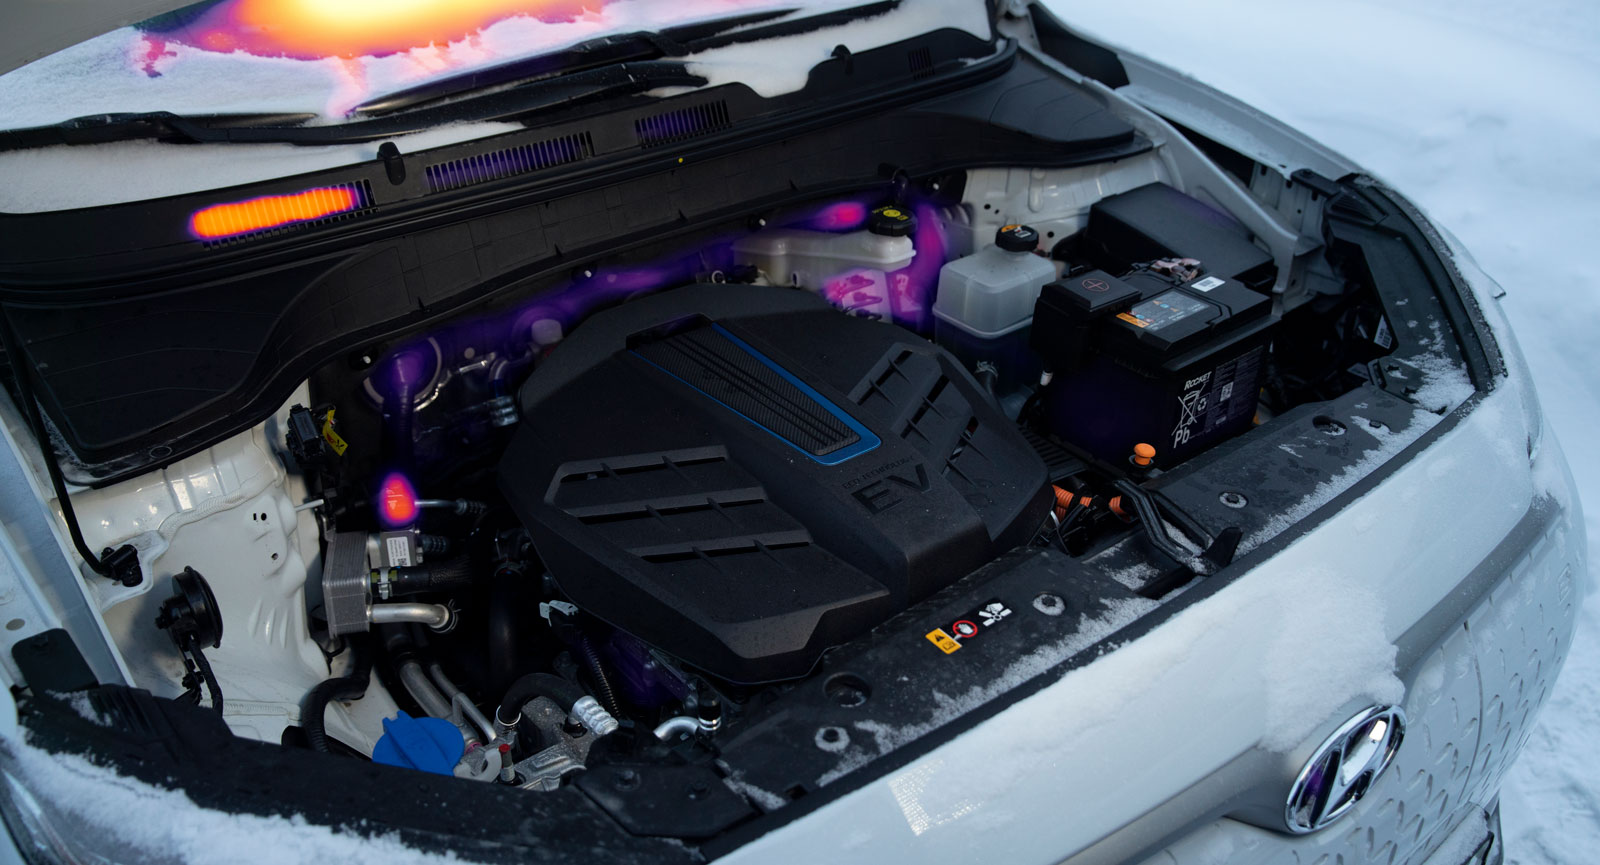 """Motsvarande bild i Hyundai Kona är talande – här är bilen """"påslagen"""" men (svag) värmeutveckling syns bara i några enskilda punkter."""